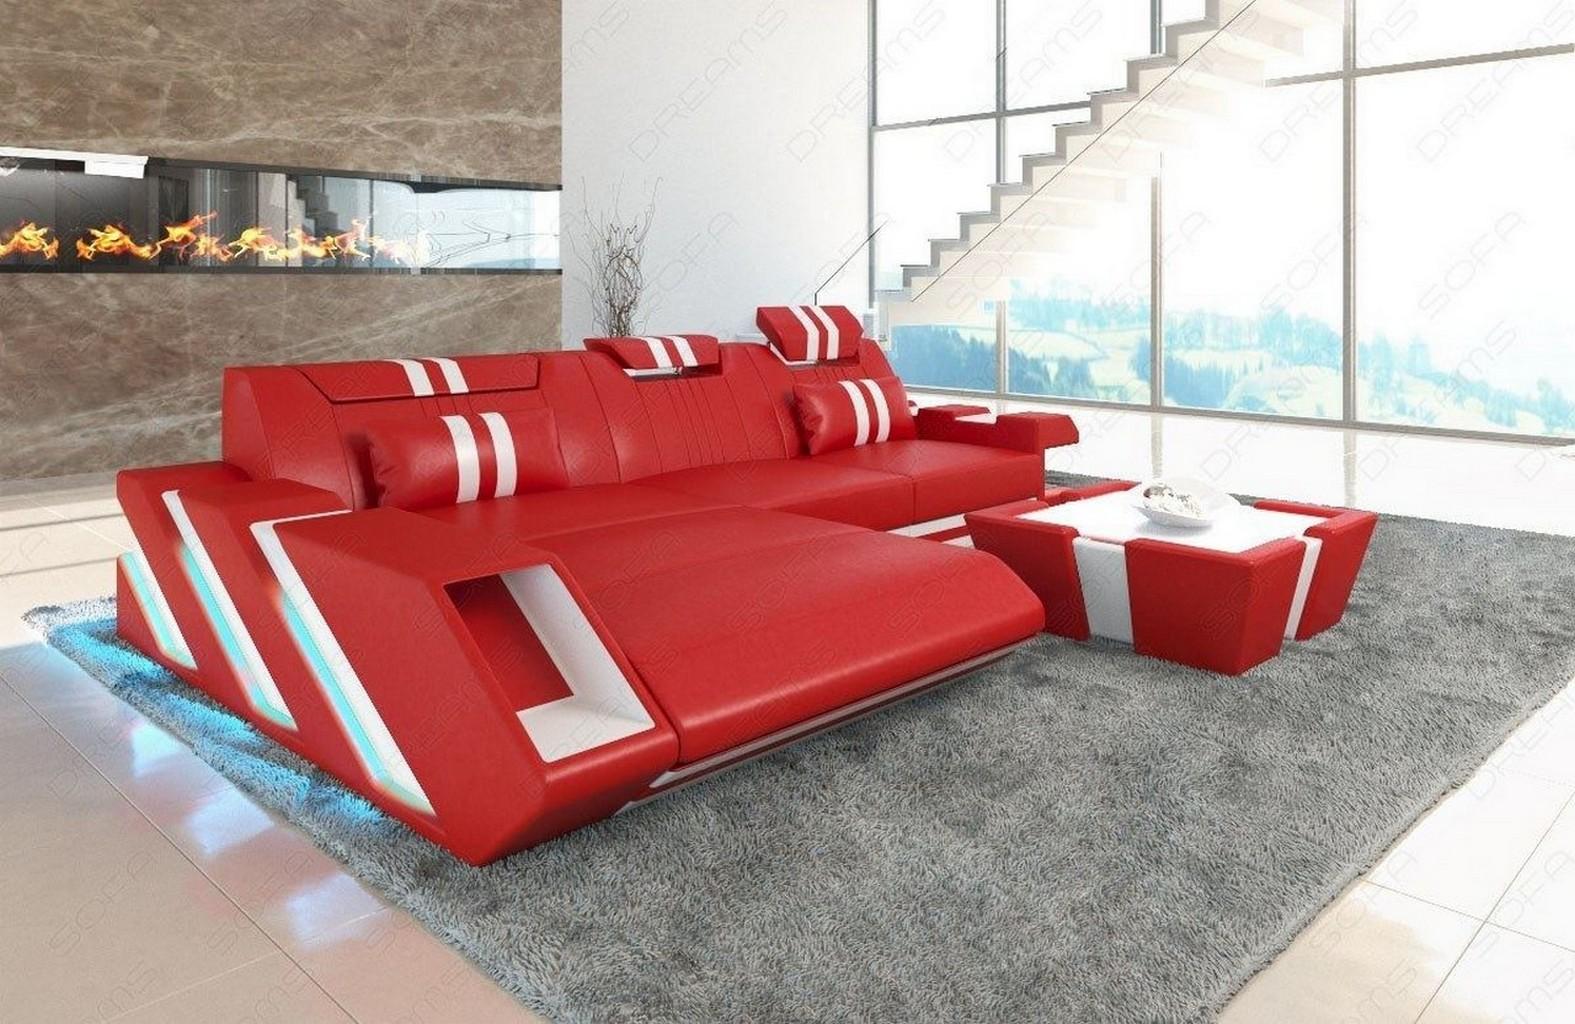 leder wohnlandschaft xxl design ecksofa apollonia luxus sofa garnitur couchtisch ebay. Black Bedroom Furniture Sets. Home Design Ideas